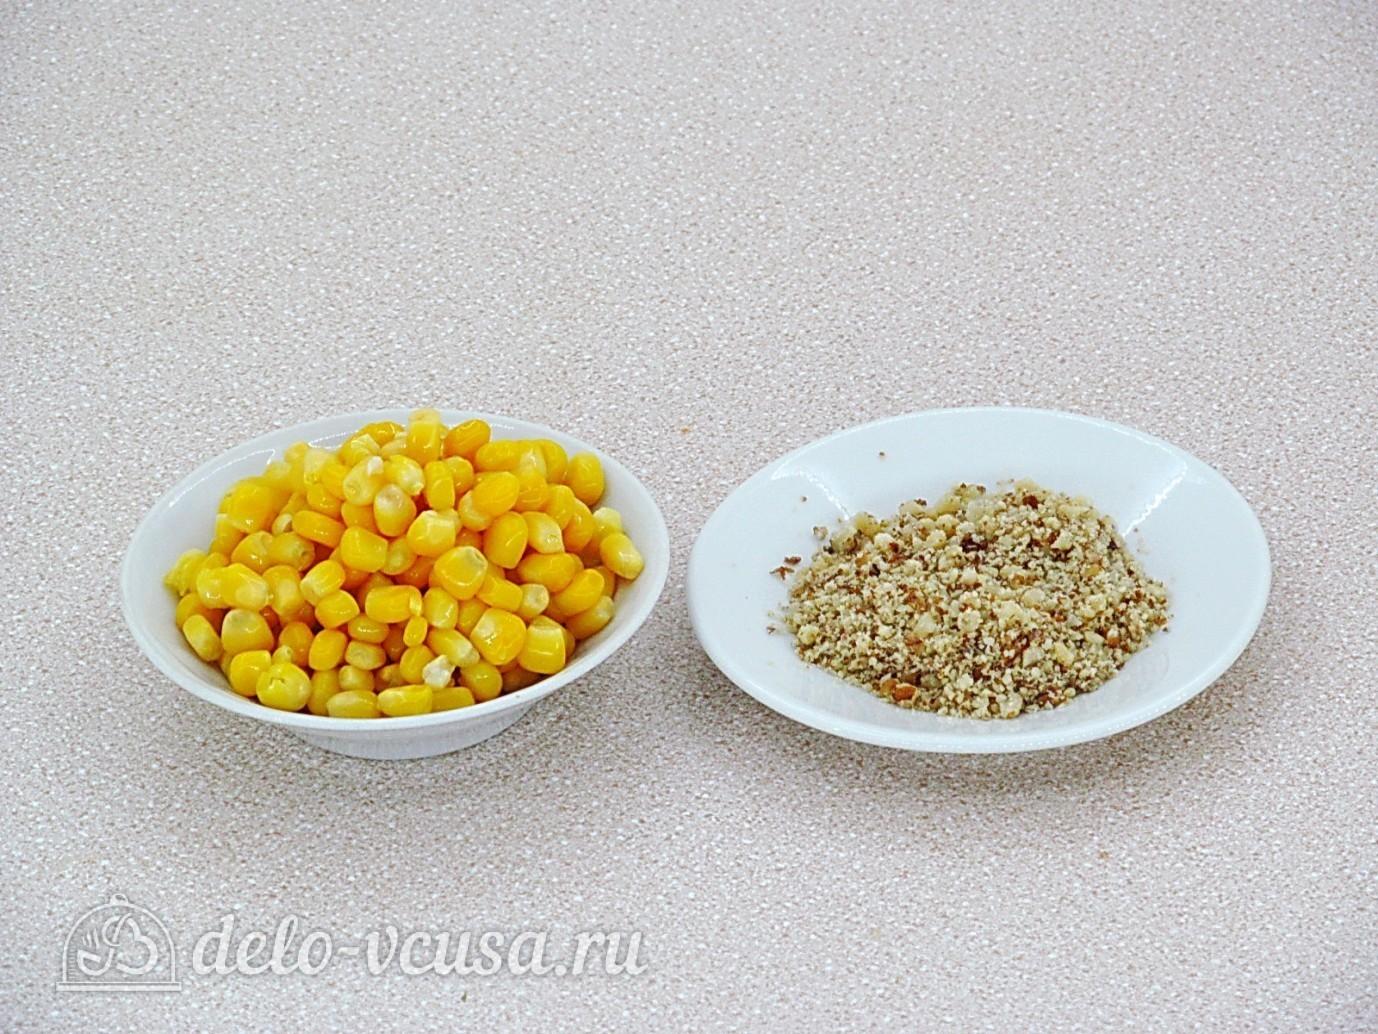 Крабовый салат с орехами: Подготовить орехи и кукурузу